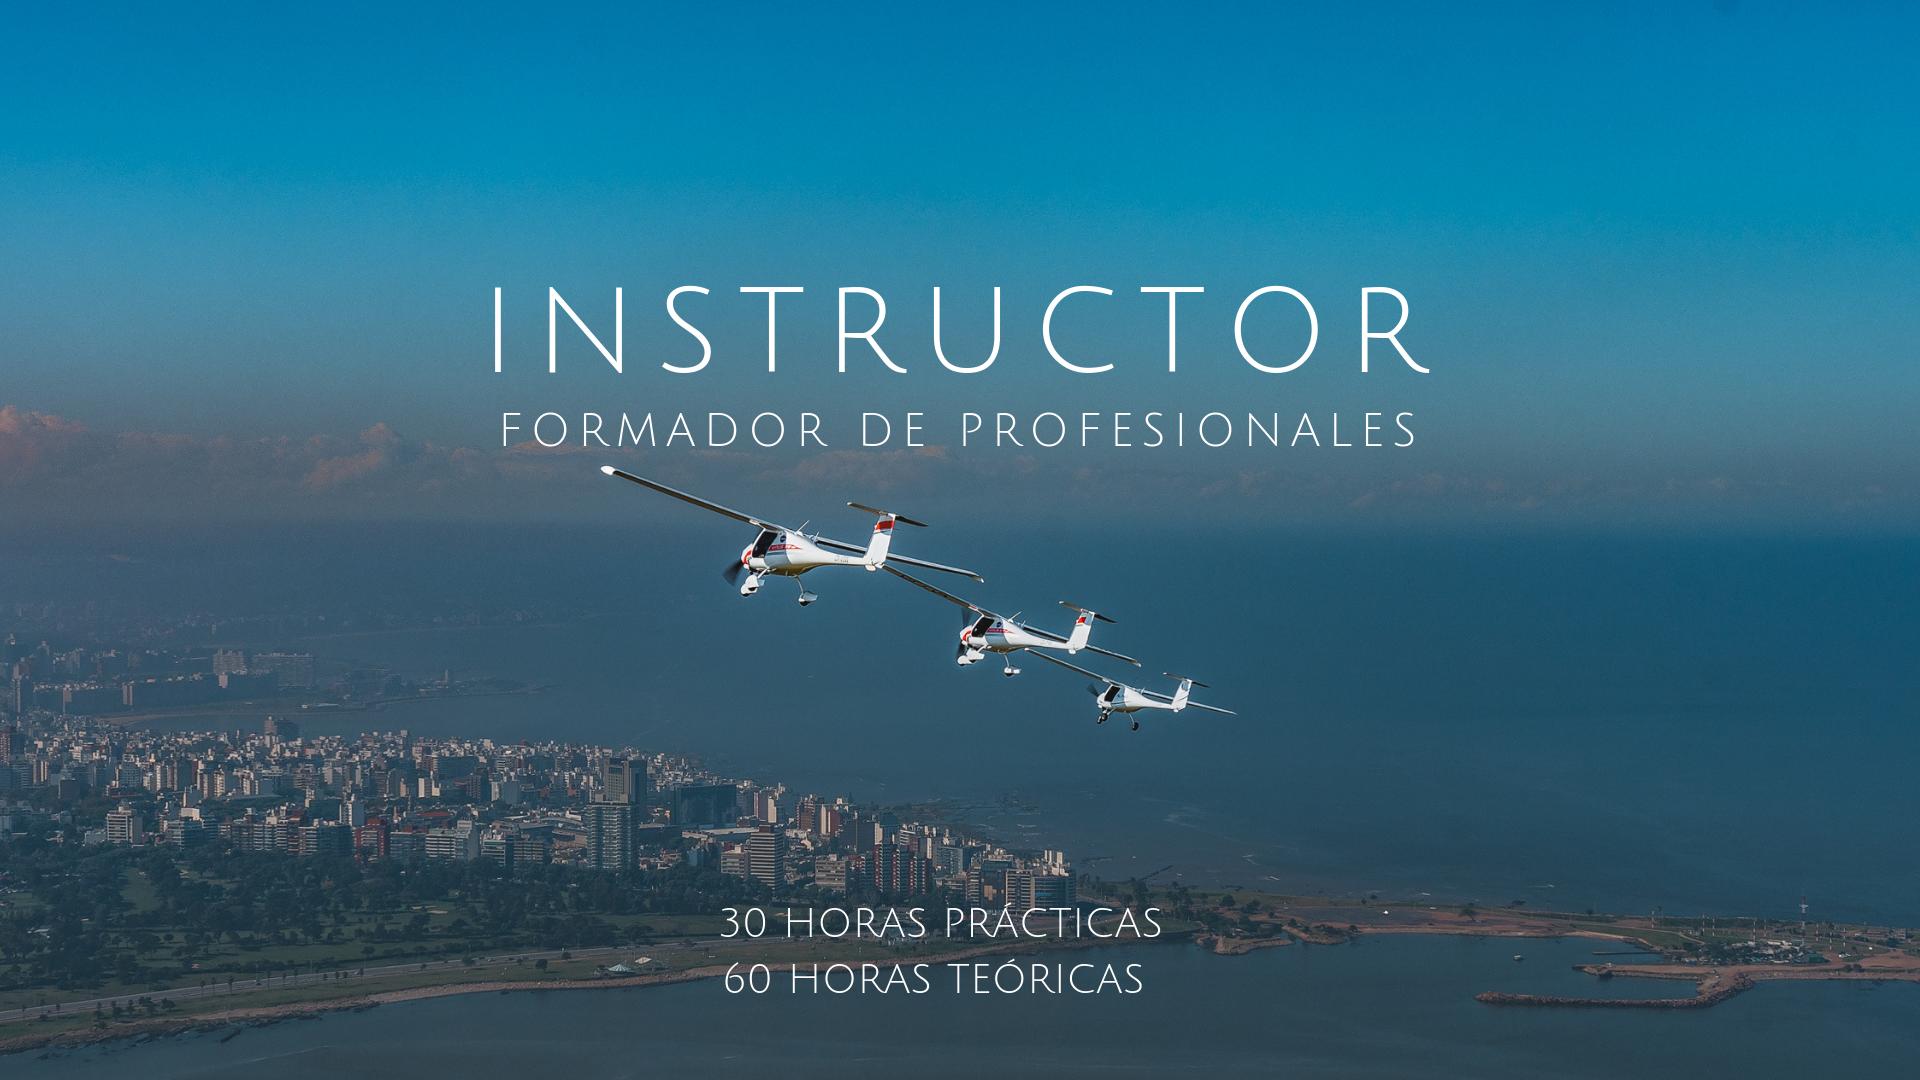 - Transmití el saber a futuros profesionales, compartí tu pasión por el vuelo. La licencia de Instructor de vuelo certificado, te permitirá entrenar, capacitar y formar a futuros pilotos.Matrícula: UYU 5000.Teórico: UYU $390 / hora.Materiales: USD 90 (Manual Piloto Privado, Carta aeronáutica, Plotter y Computador E6B)Práctico:- USD 160/hora- USD 145/ hora (Curso completo por adelantado)